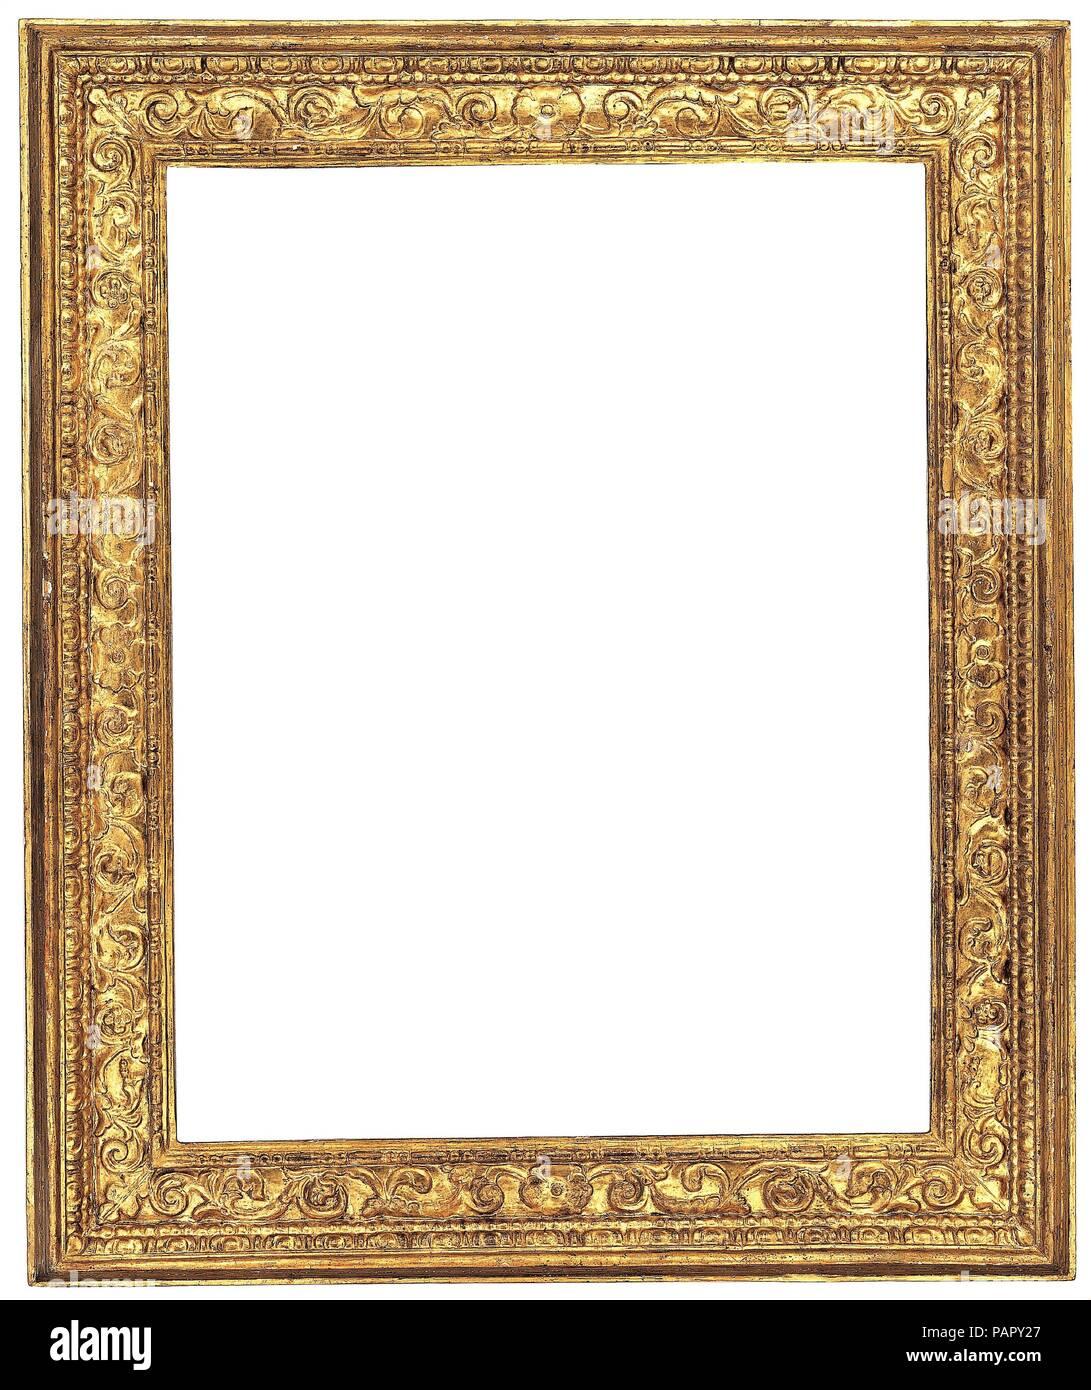 Cassetta Frame Culture Italian Veneto Dimensions Overall 26 X